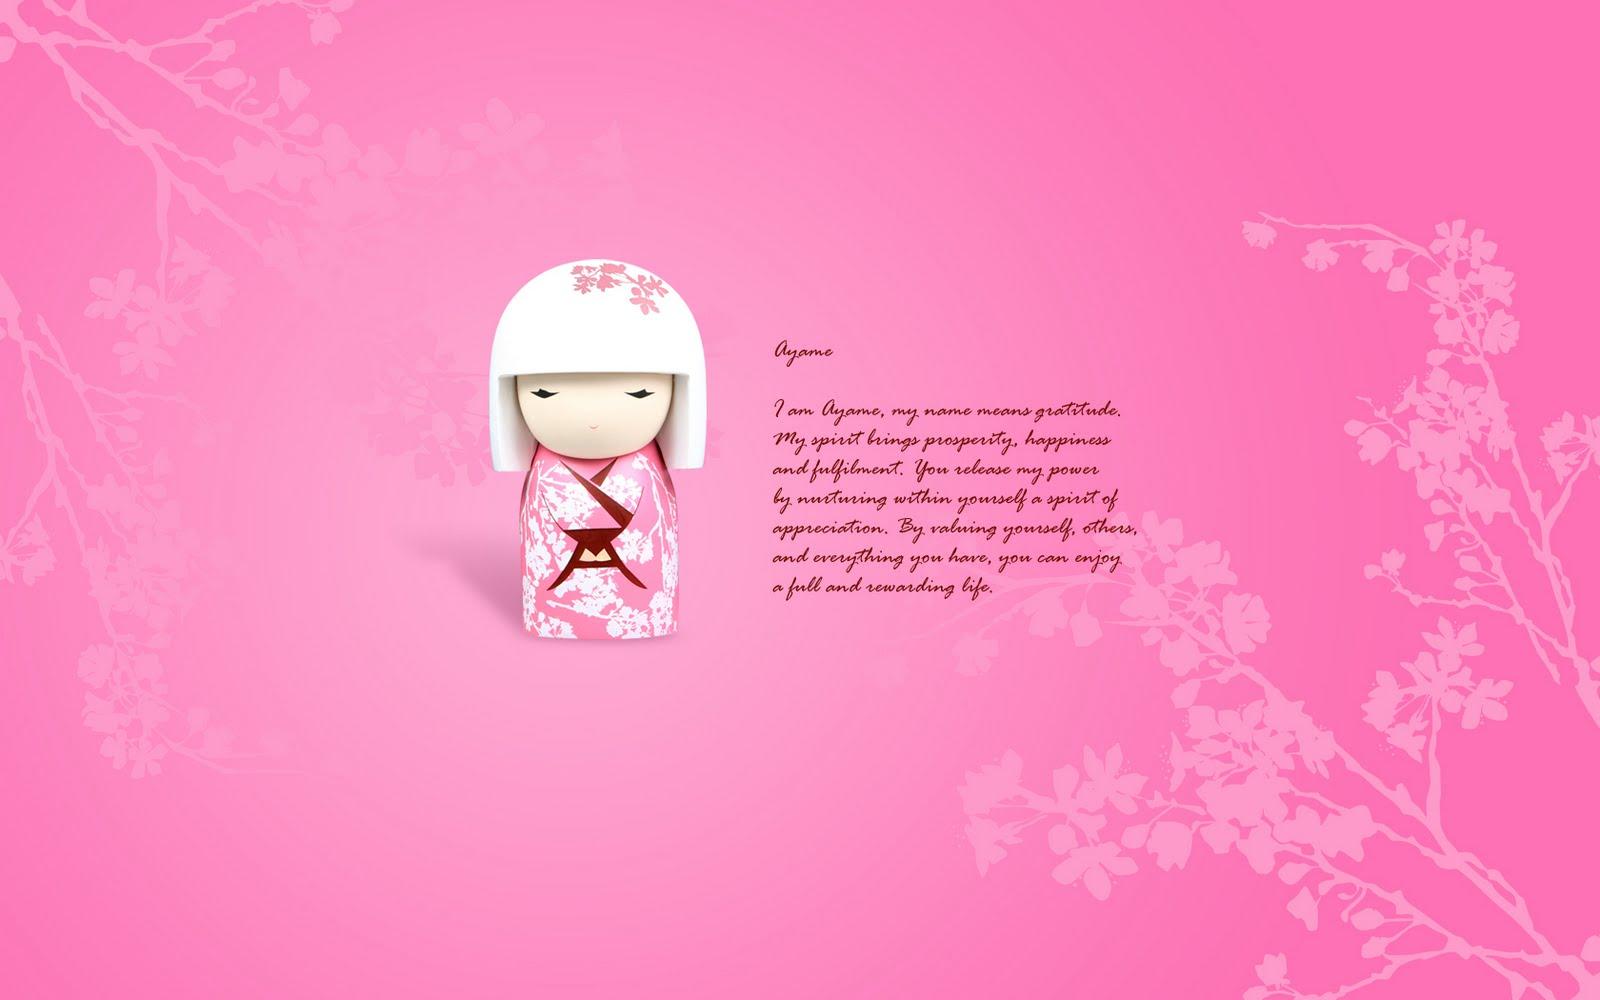 http://1.bp.blogspot.com/-2ZDhFixXXts/TfTUyxHBE0I/AAAAAAAAAhU/g9imtgygWHY/s1600/Ayame_wallpaper-v2.jpg